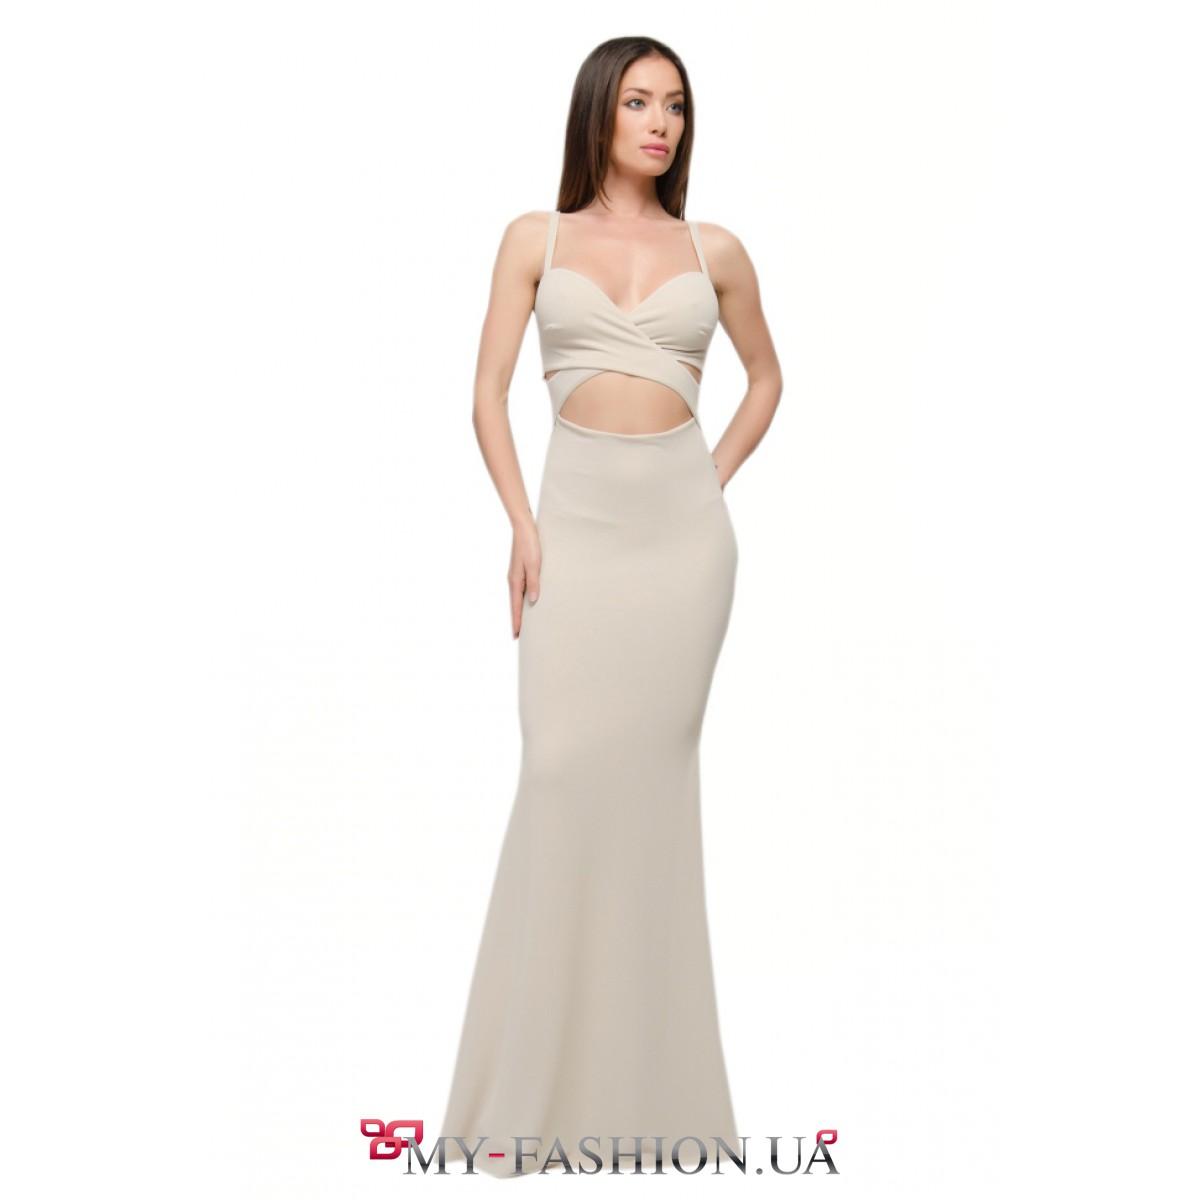 Светлое вечернее платье купить